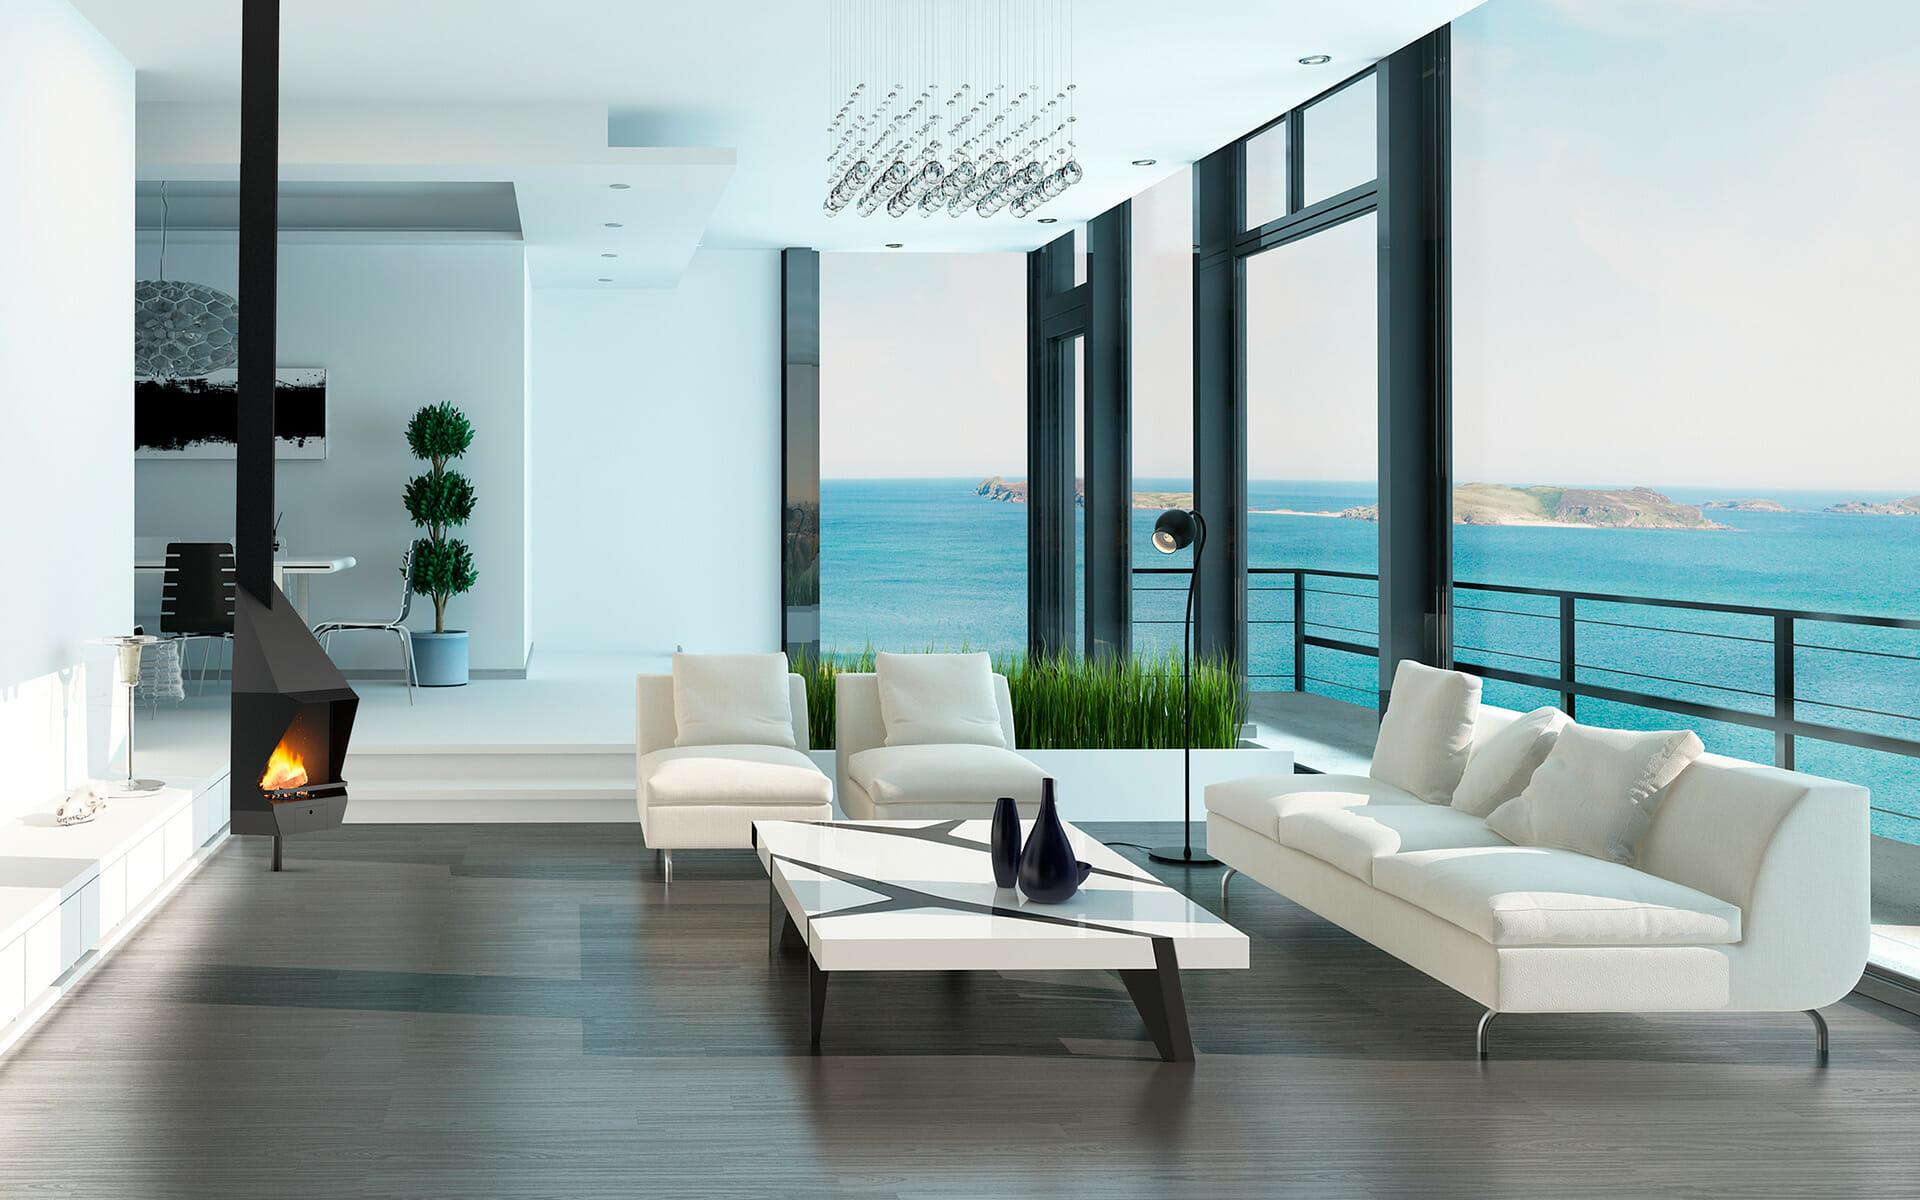 Chimenea Cerdanya en salón con vistas al mar